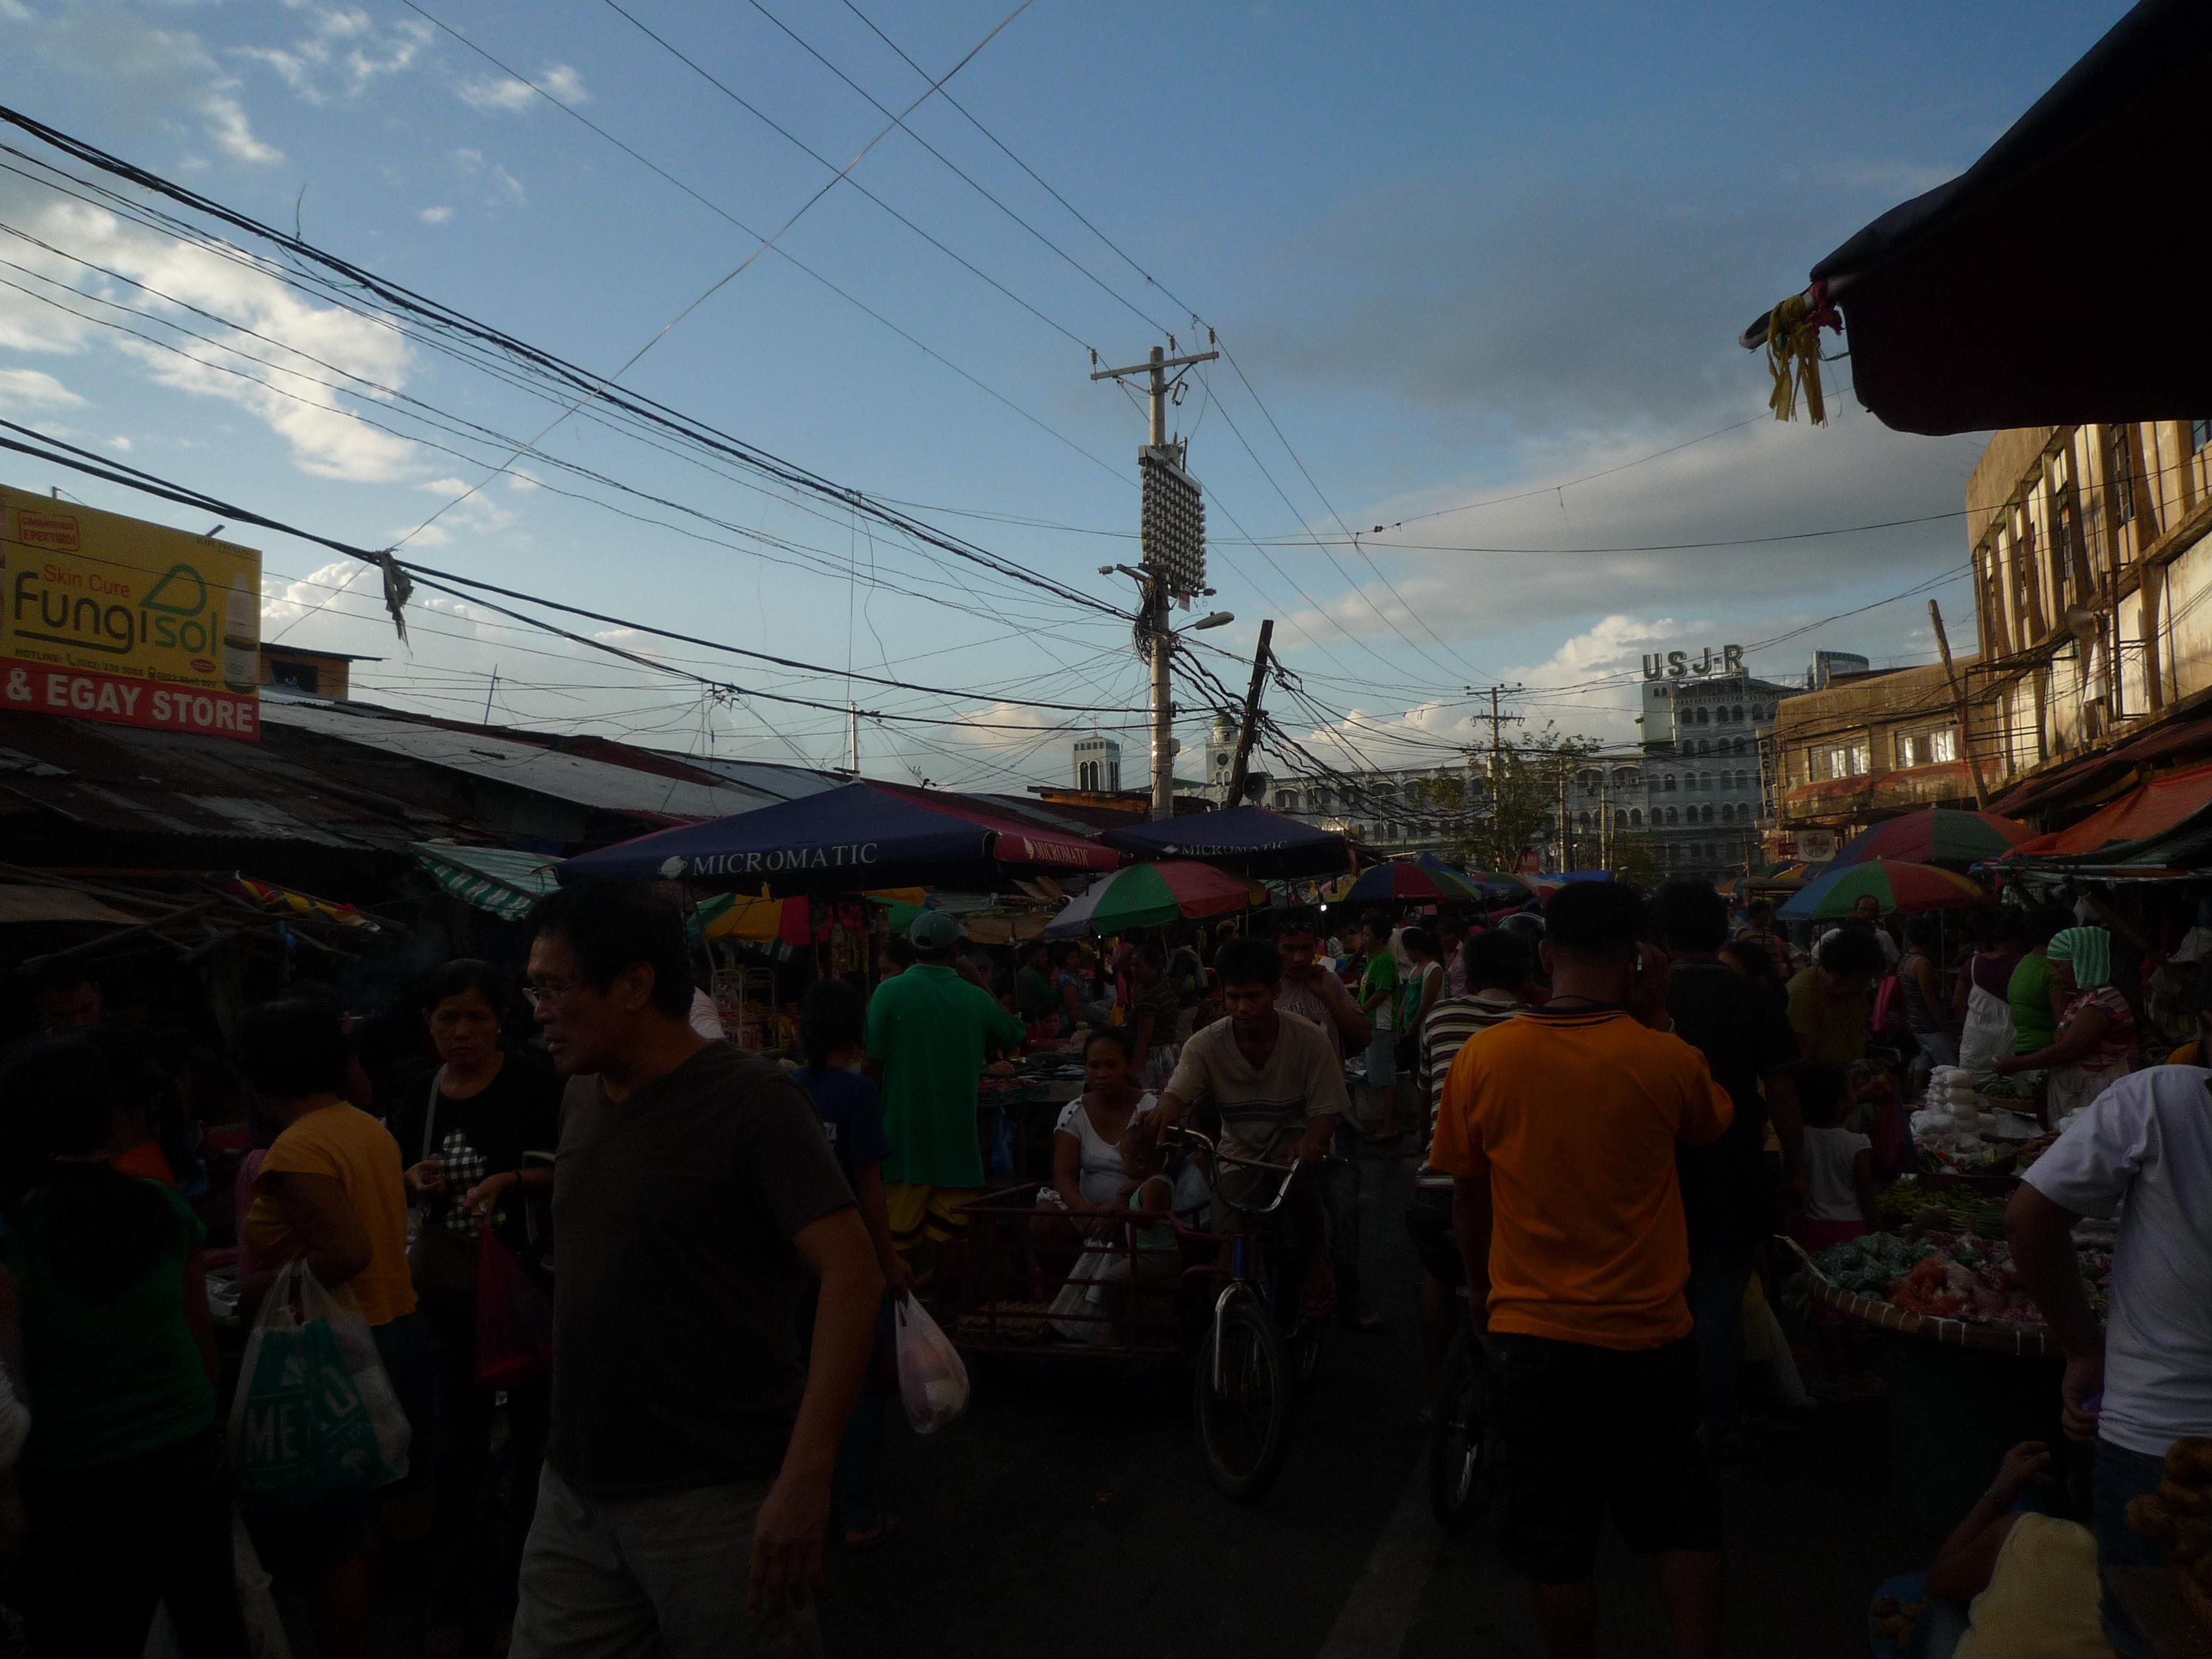 日焼けしたフィリピン人 ② 僕の偏見